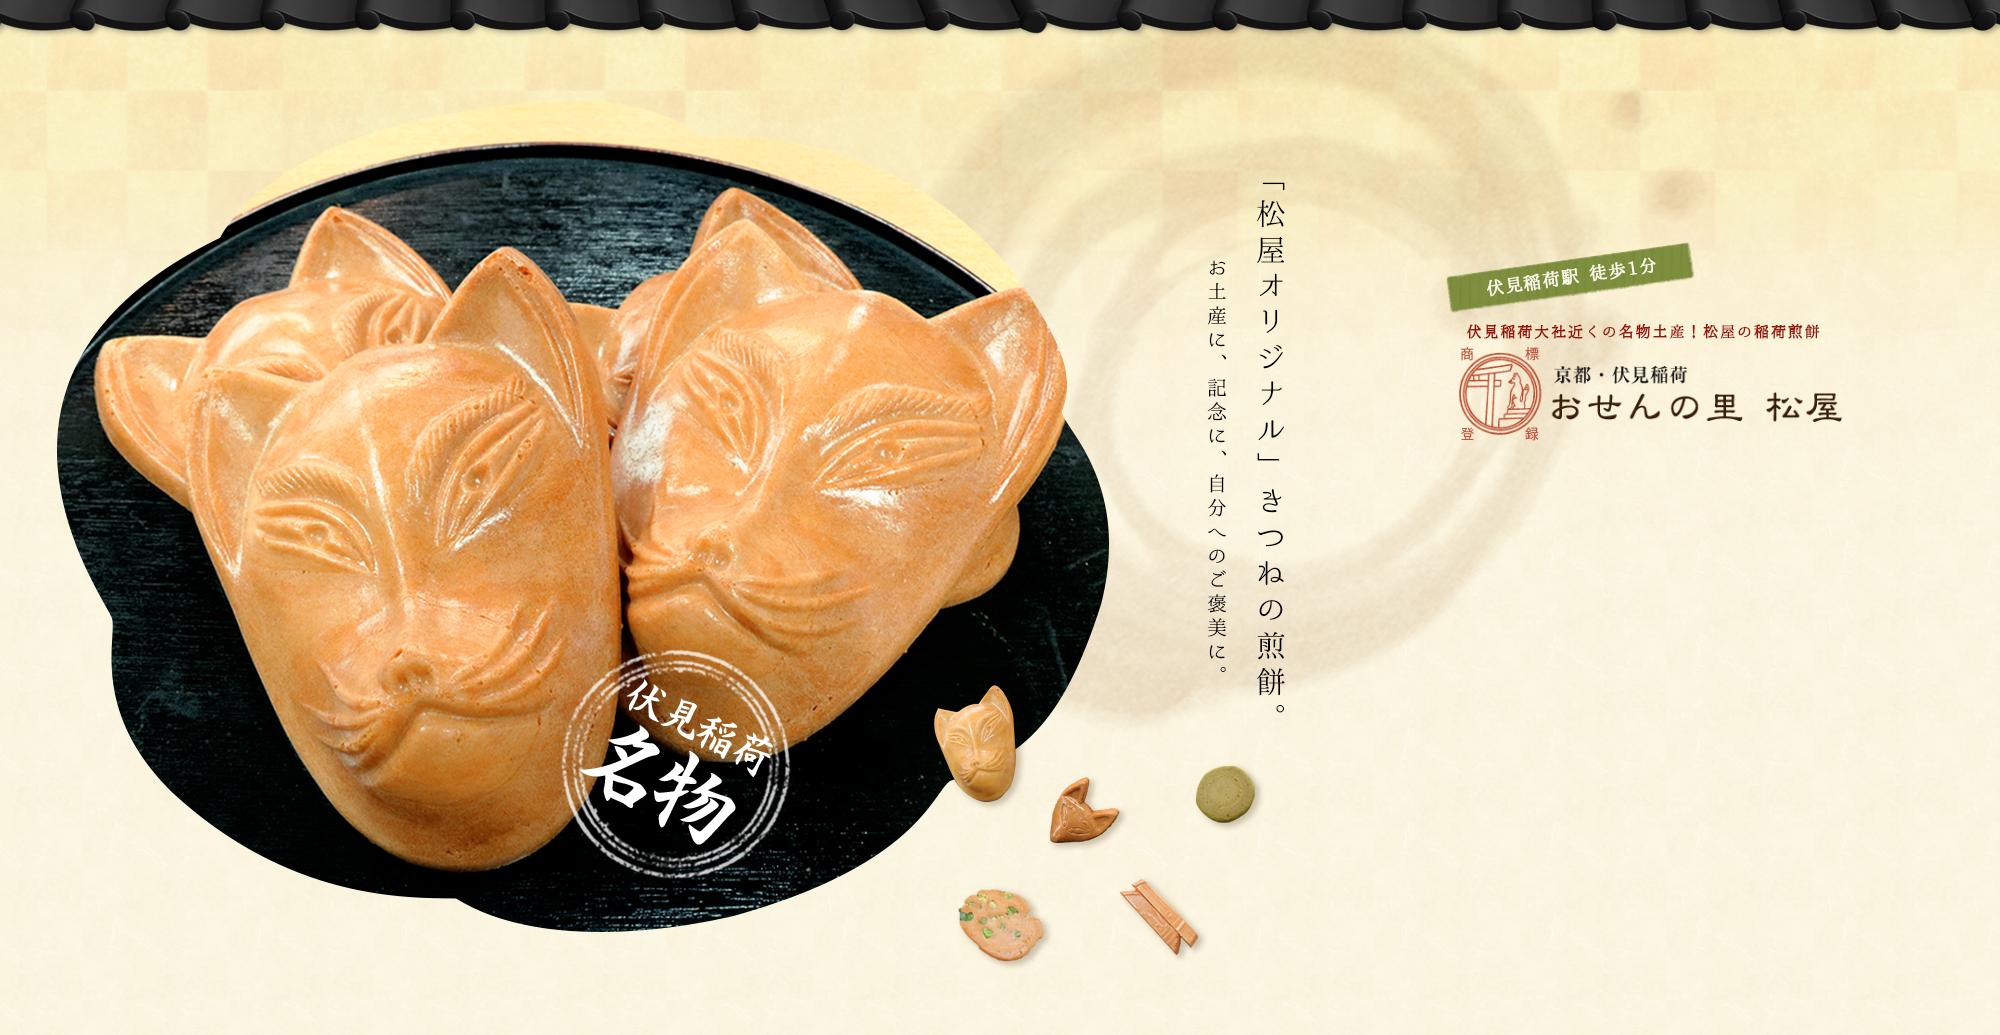 【「松屋オリジナル」きつね煎餅。】お土産に、記念に、自分へのご褒美に。